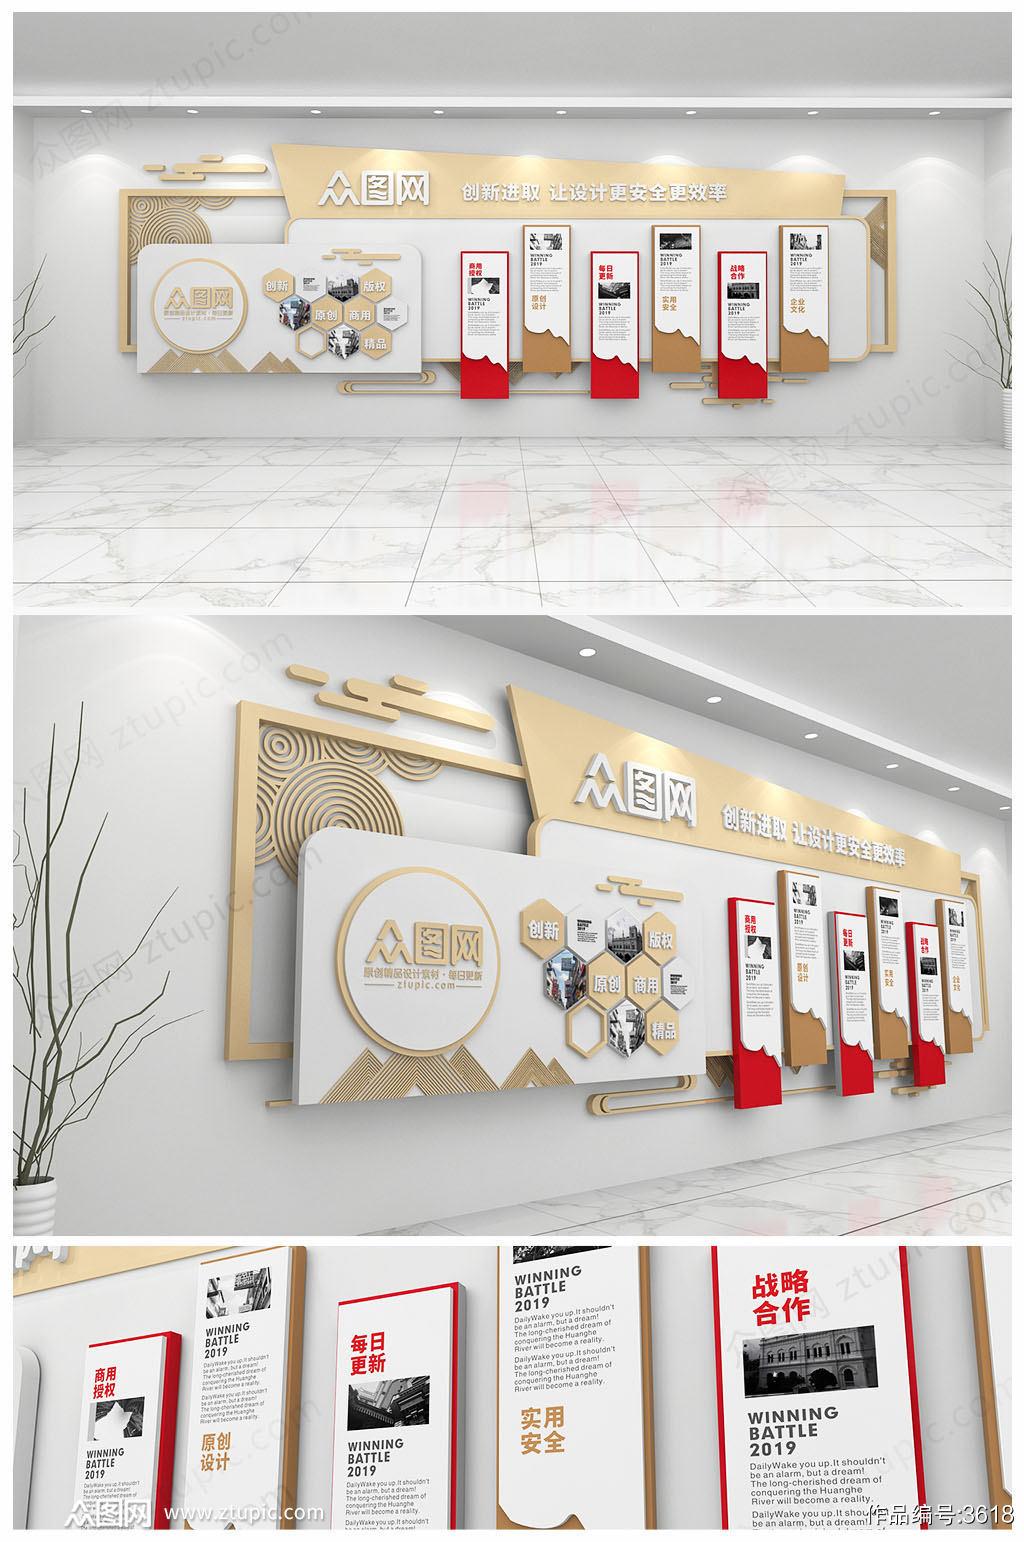 现代简洁国外企业文化墙集团公司形象墙素材